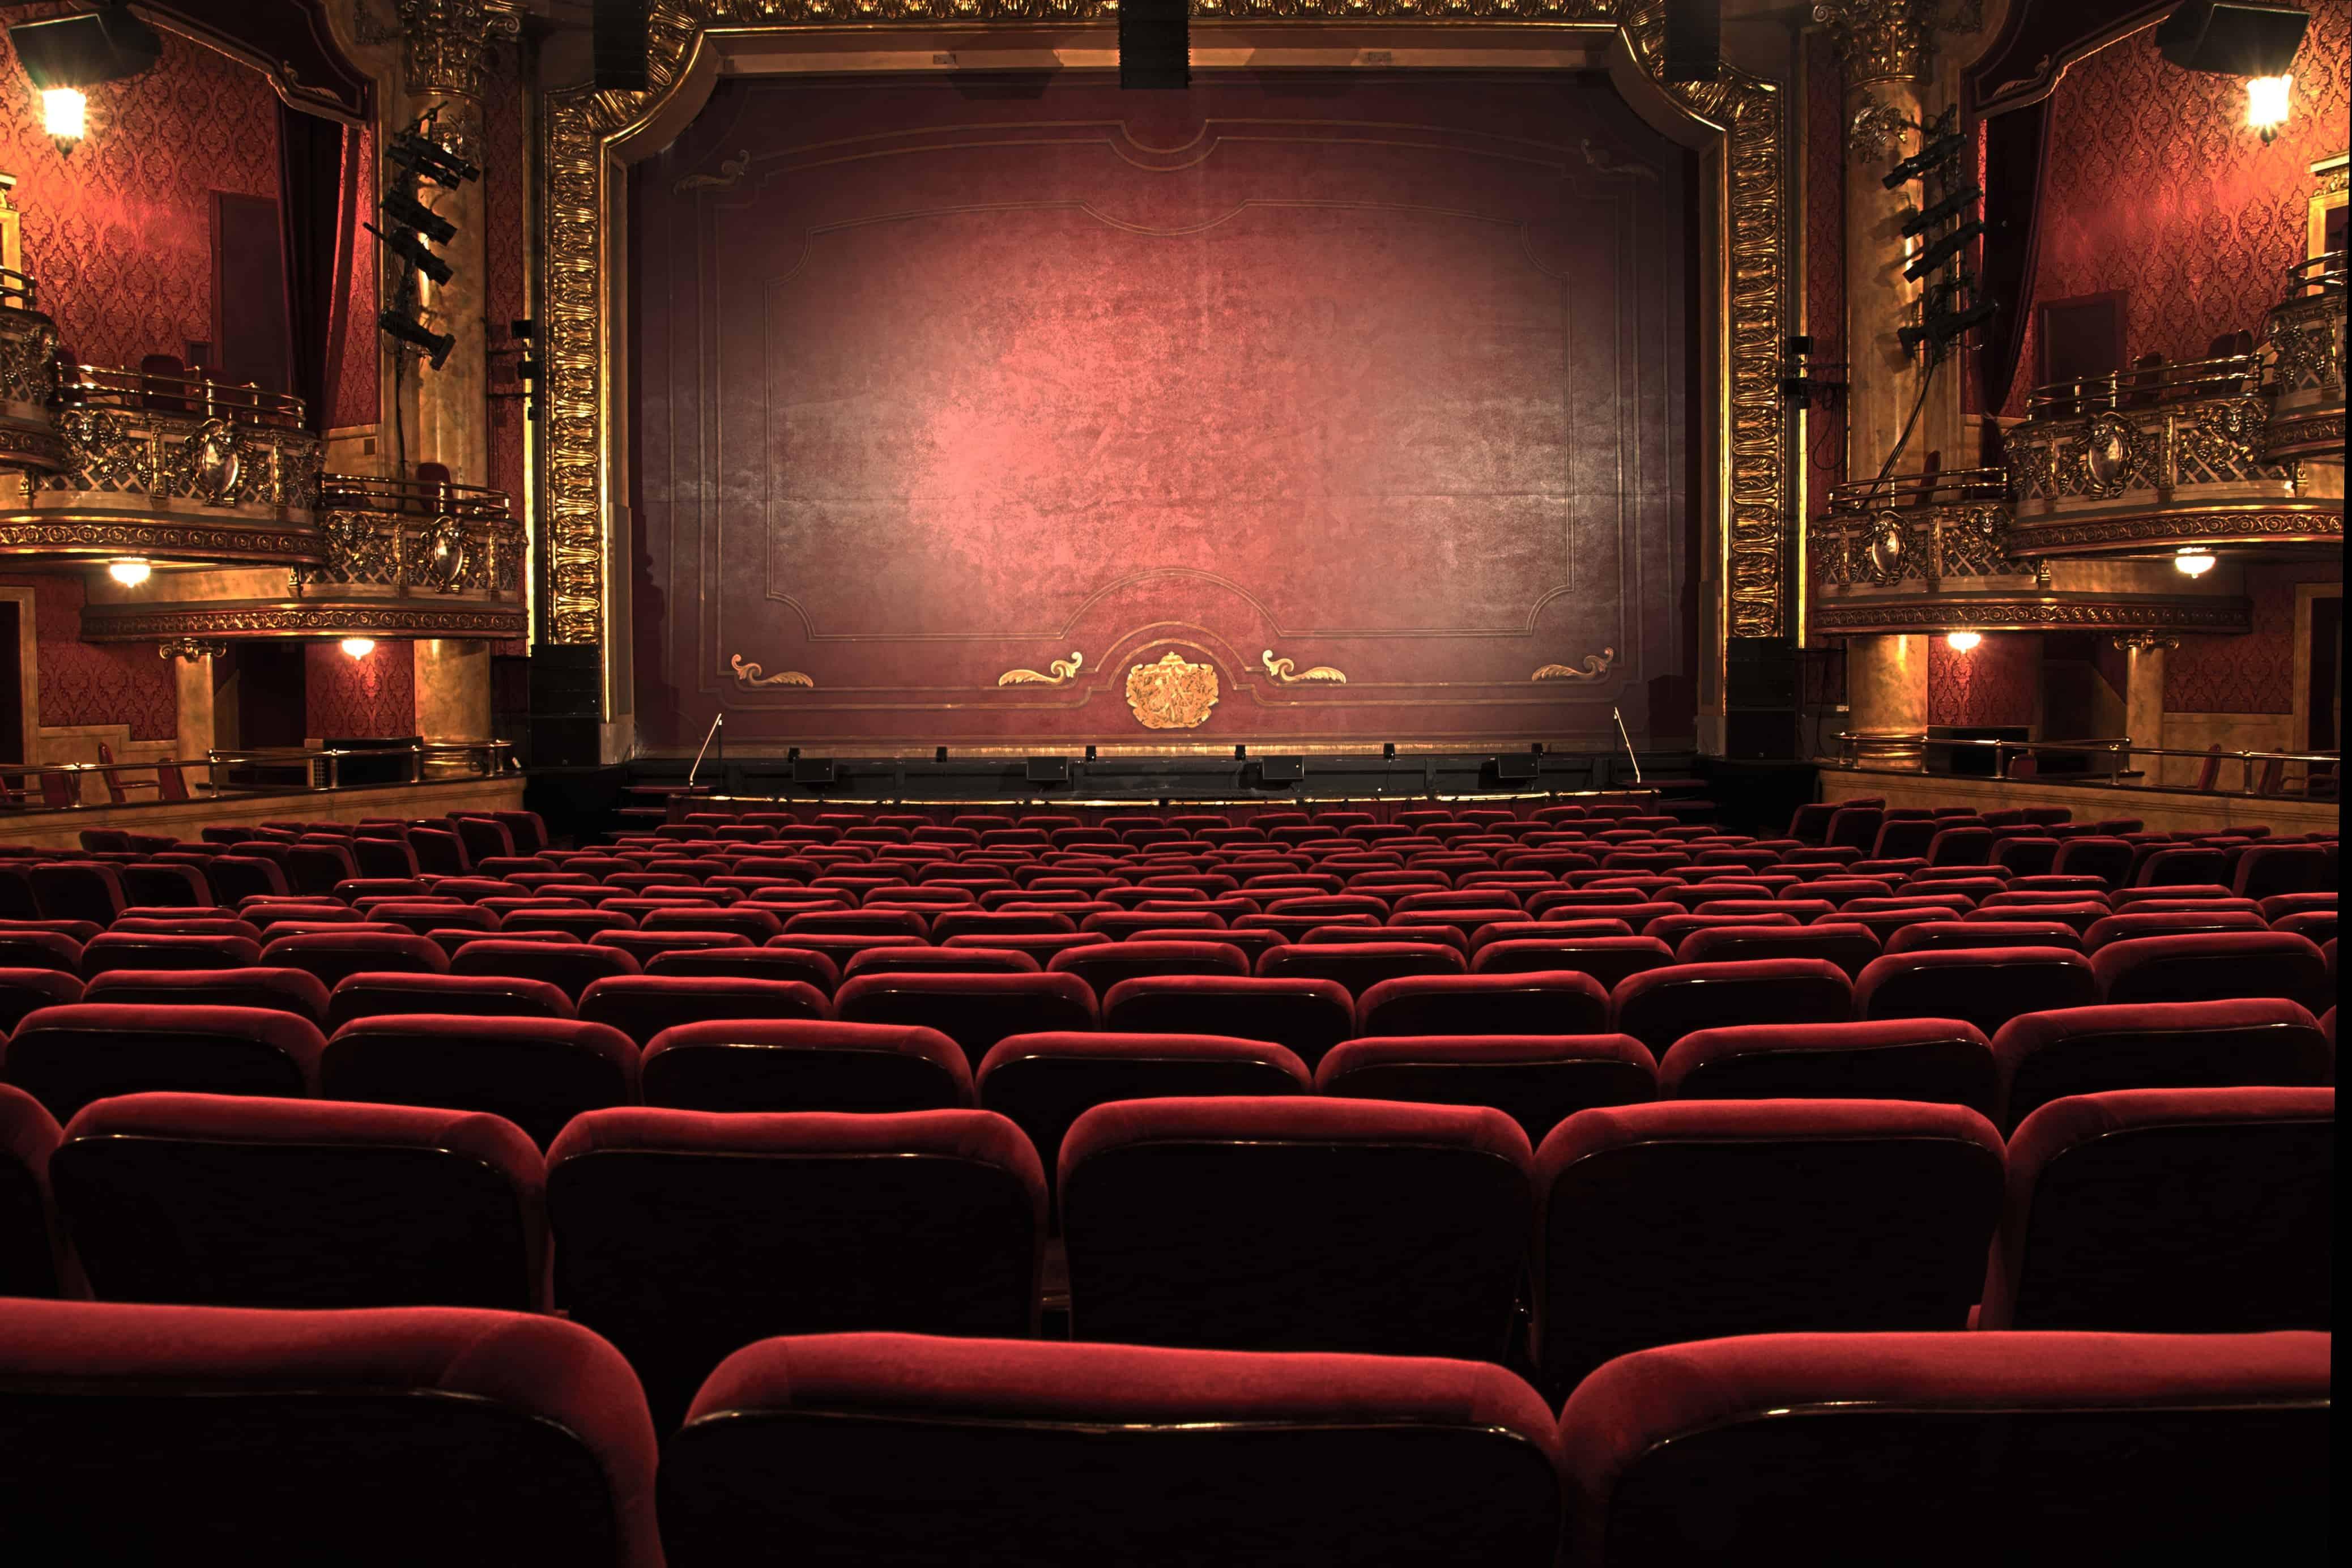 Que peut-on apporter dans un théâtre de Broadway ?